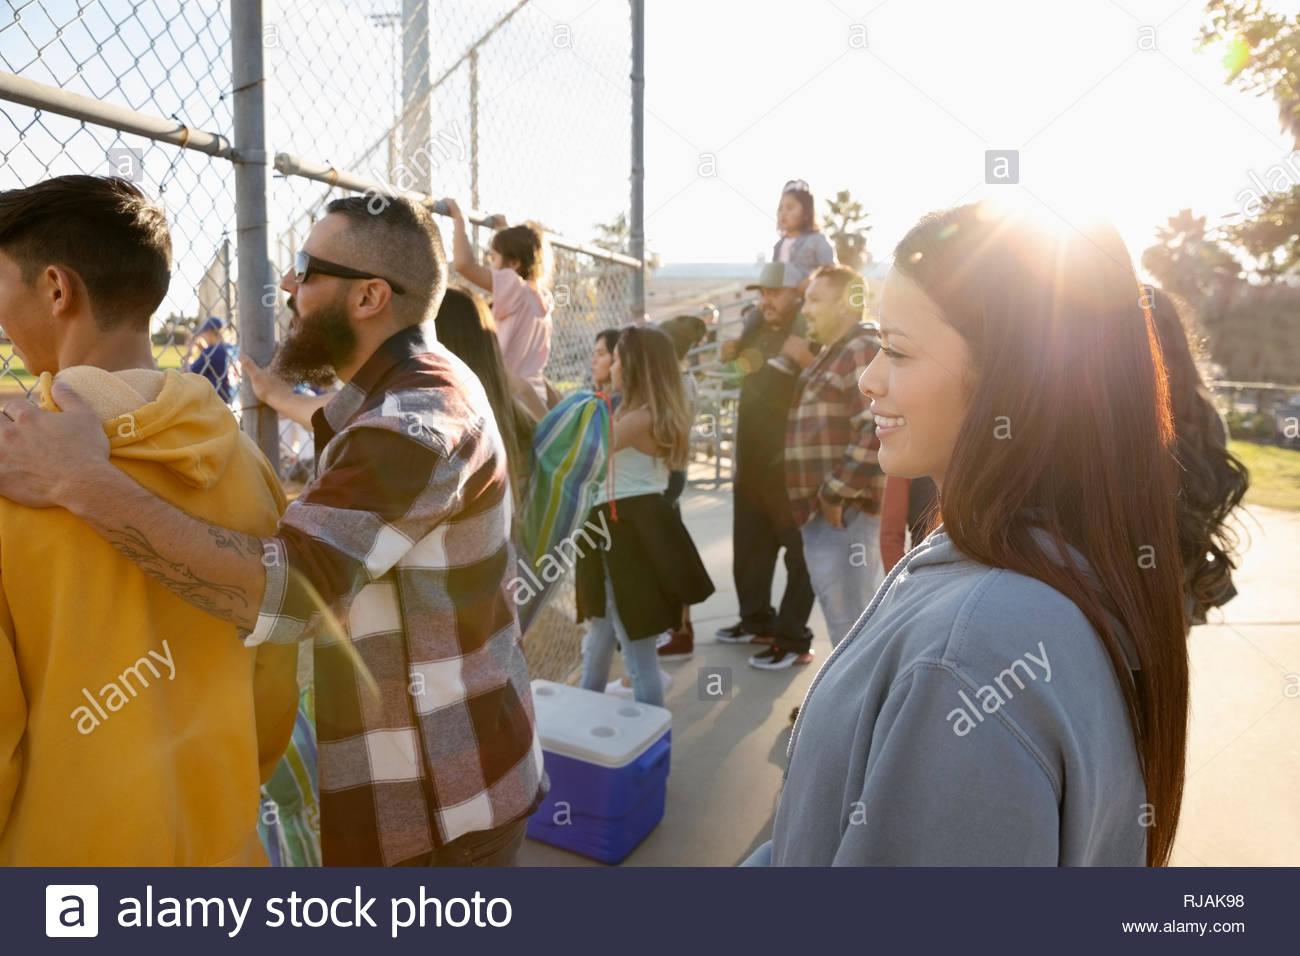 Los fanáticos del béisbol sonriente viendo juego Imagen De Stock